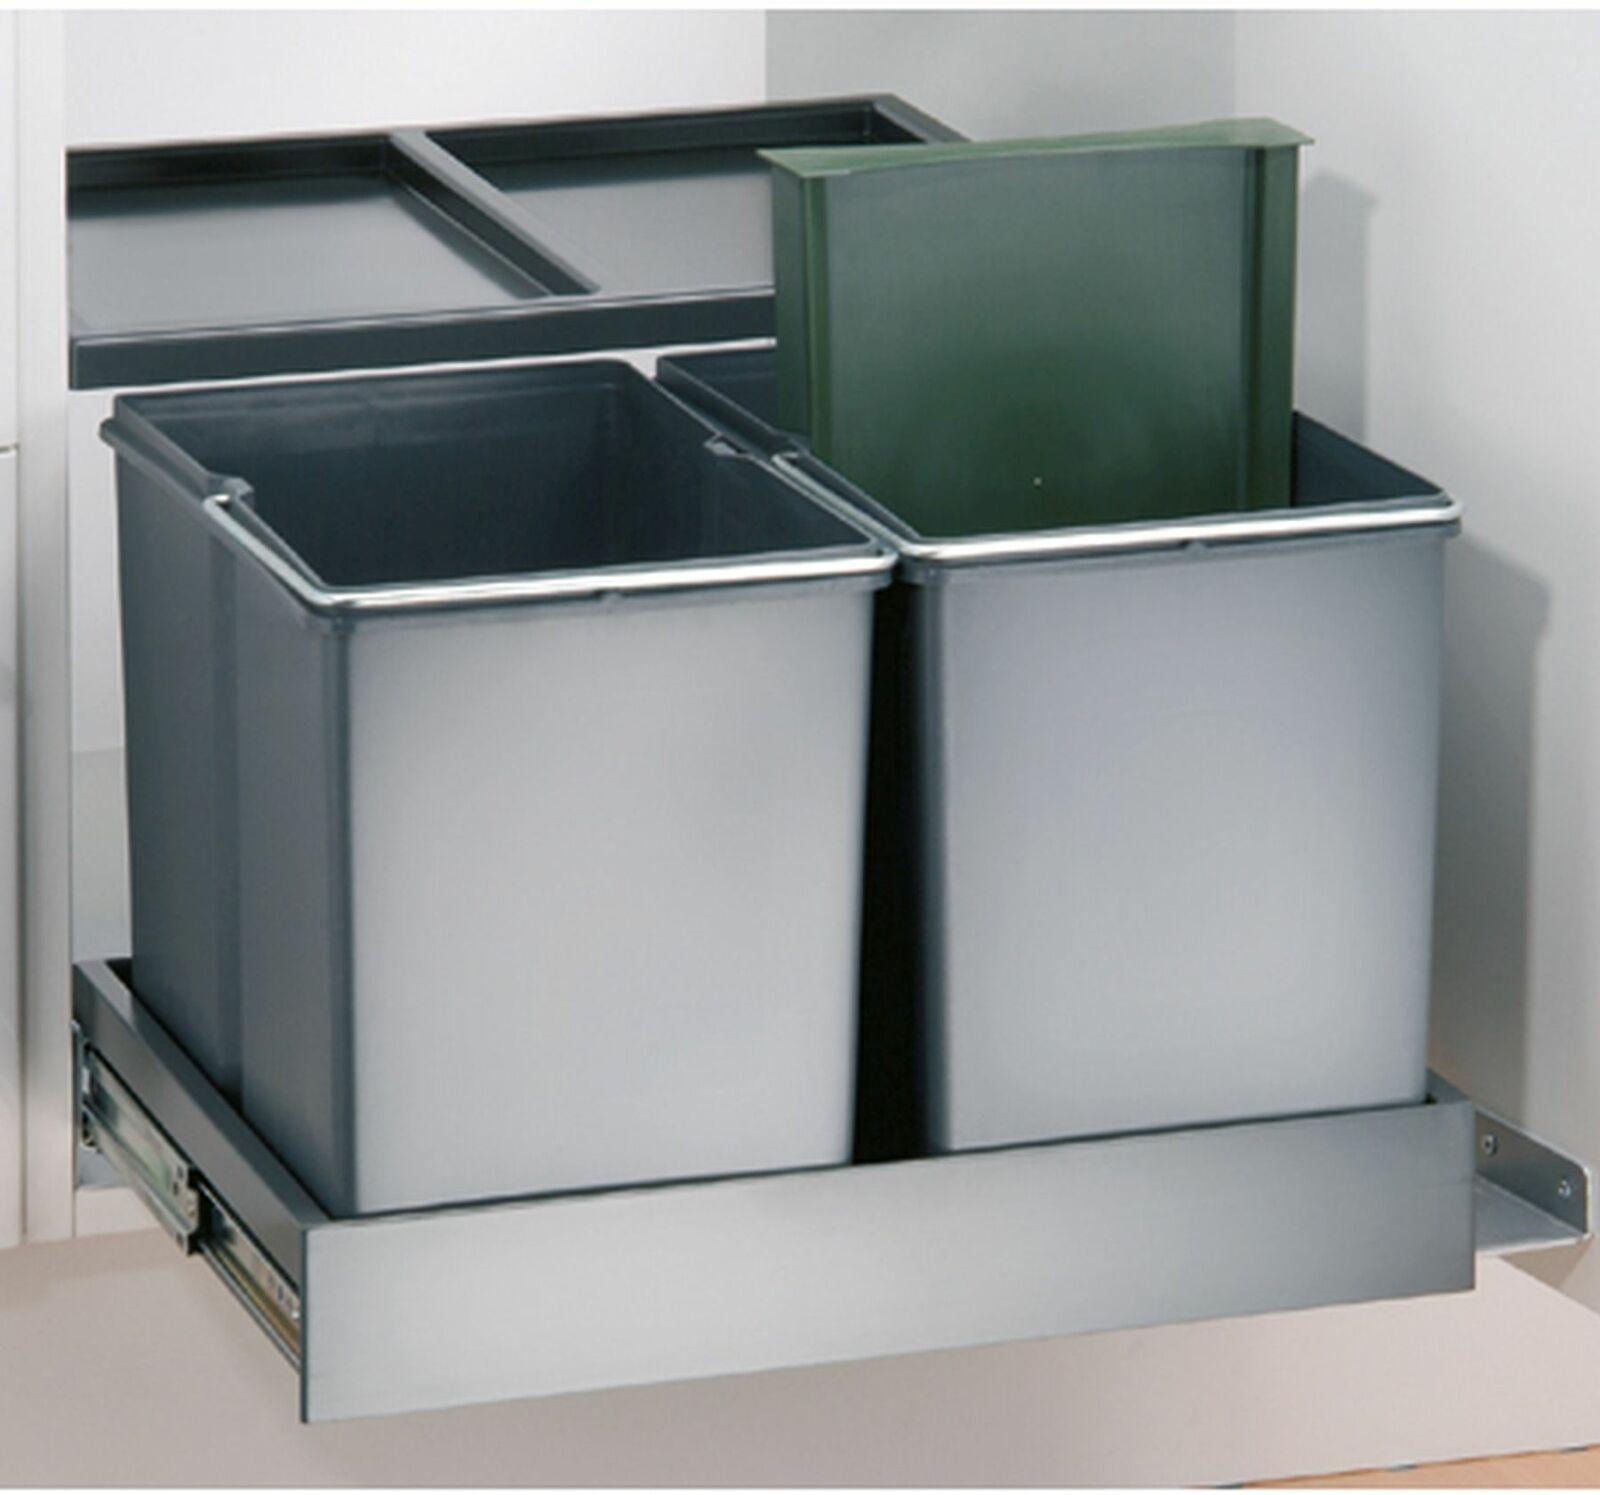 Abfalleimer Einbau Küchenschrank  17 Geburtstag Feiern Ideen  17